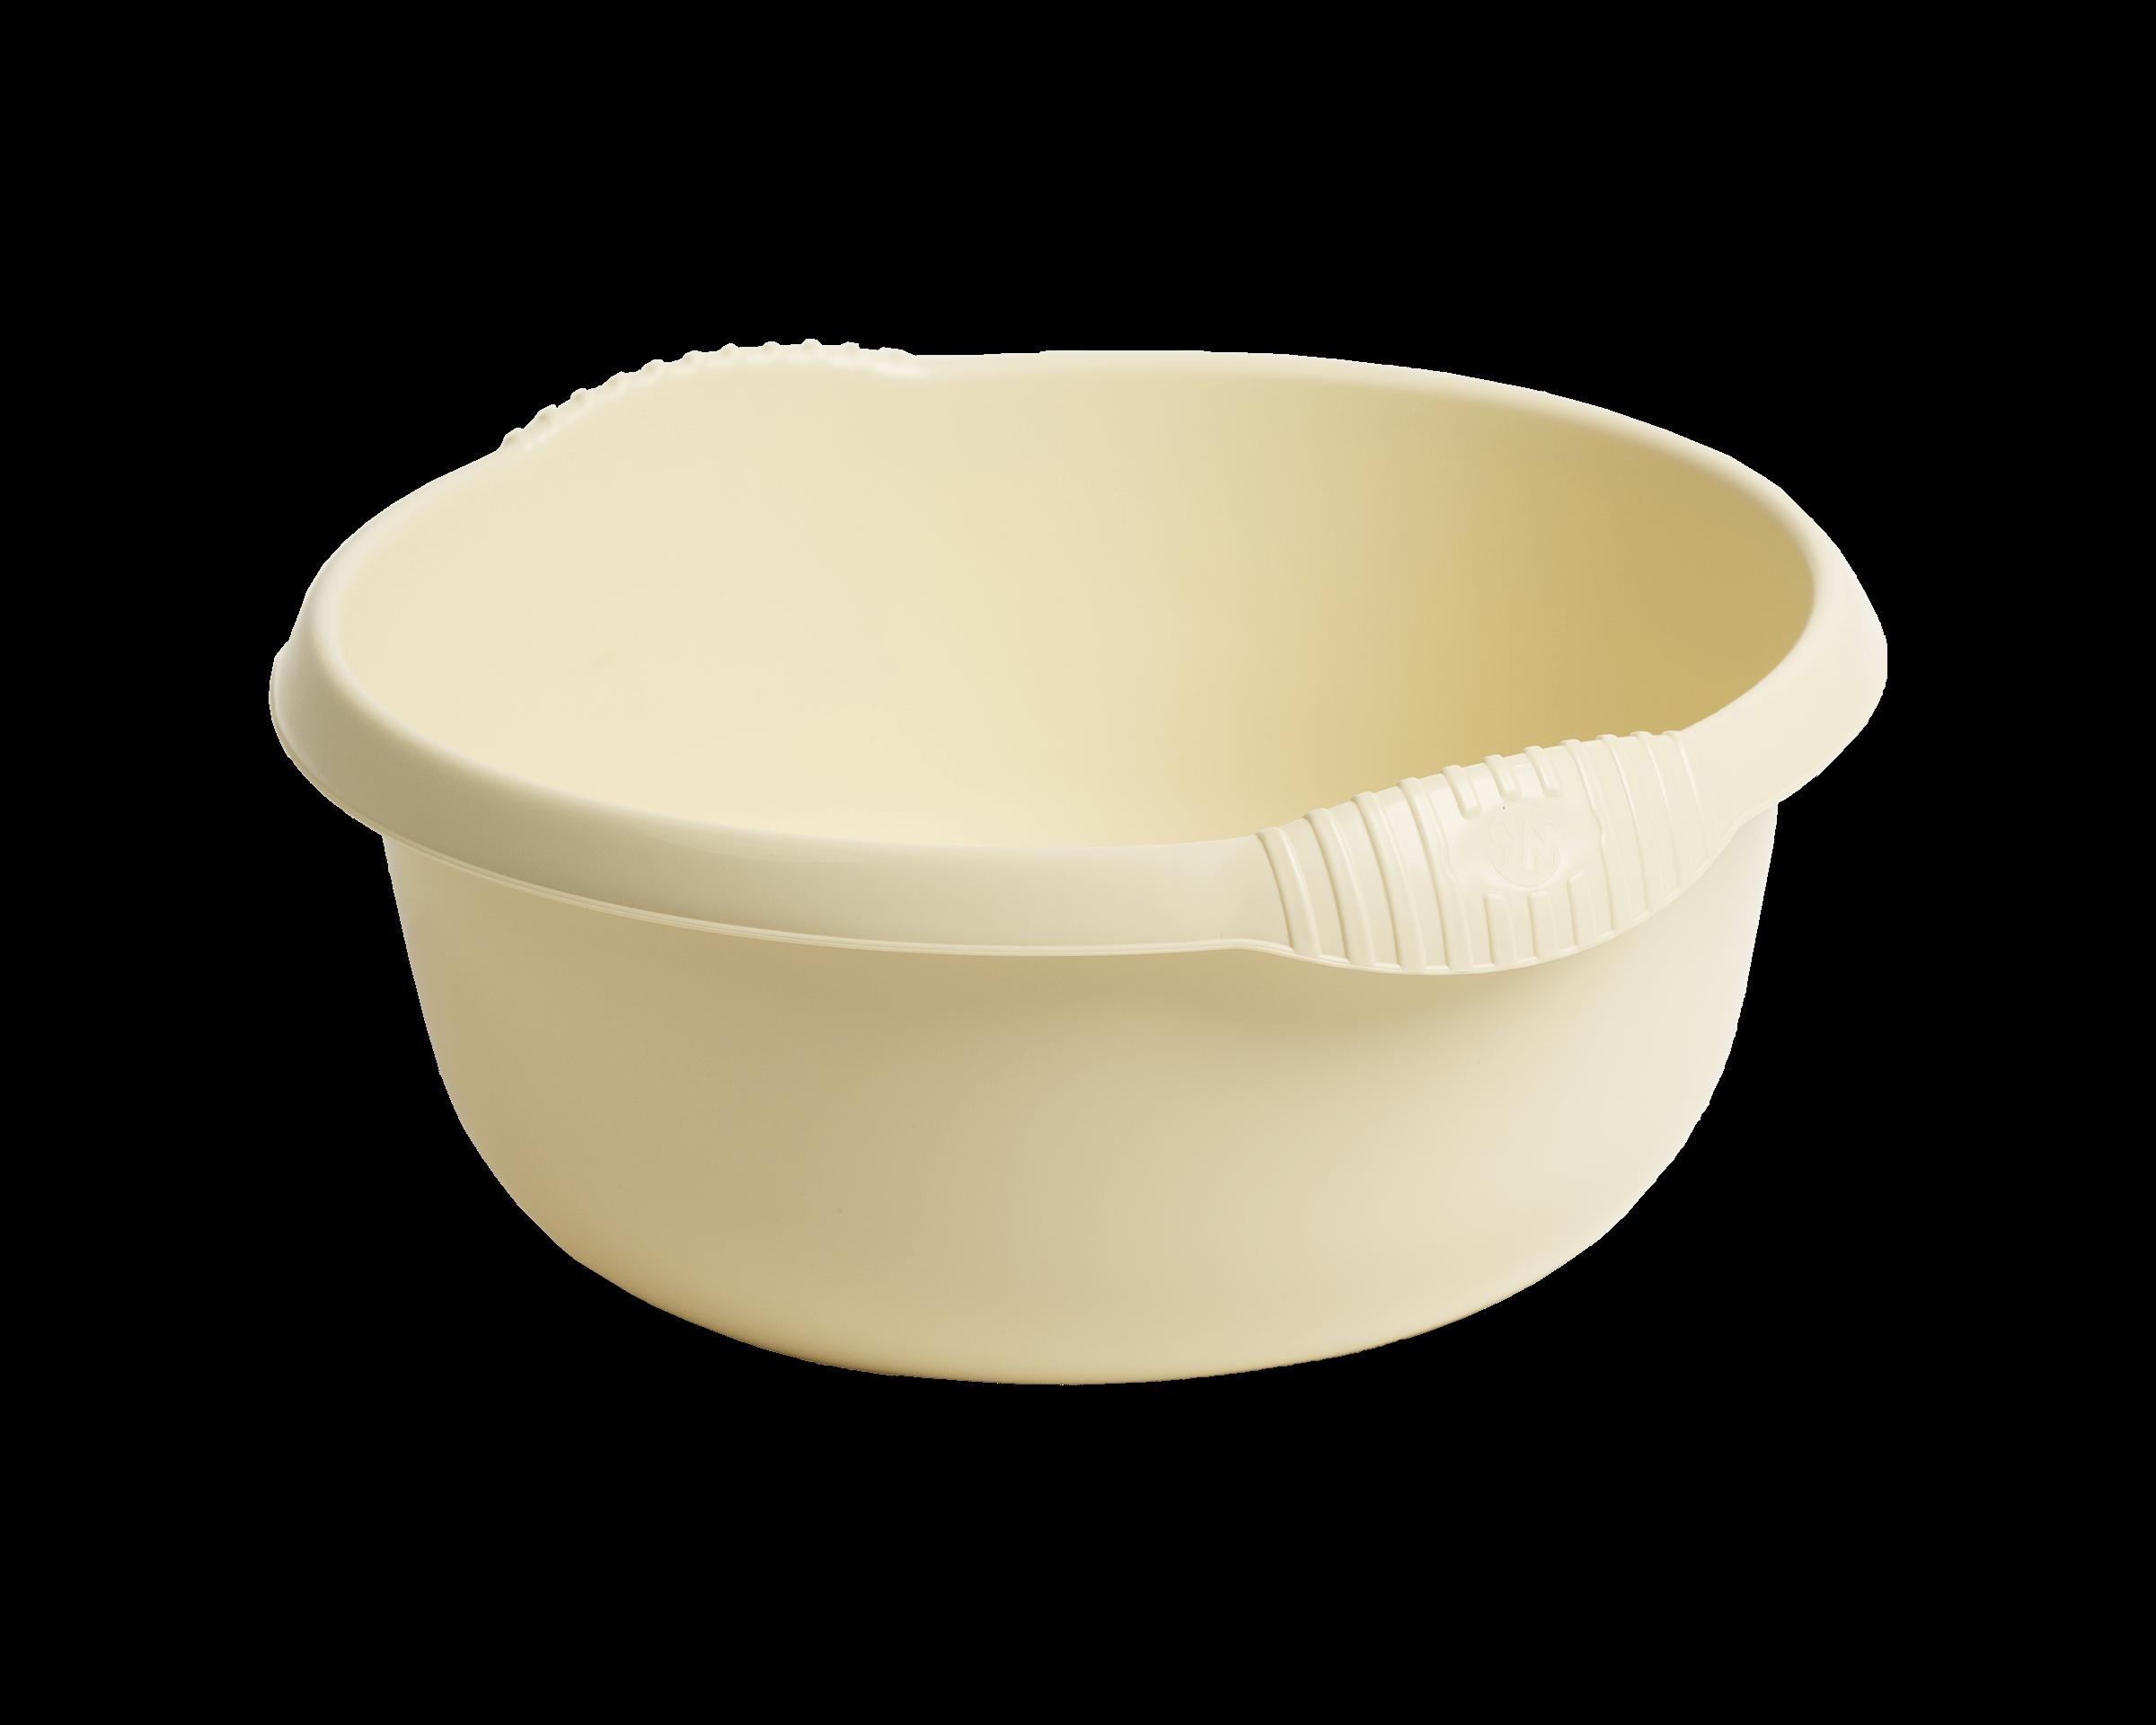 WHAM Round Bowl Calico 28cm 11950 by Wham